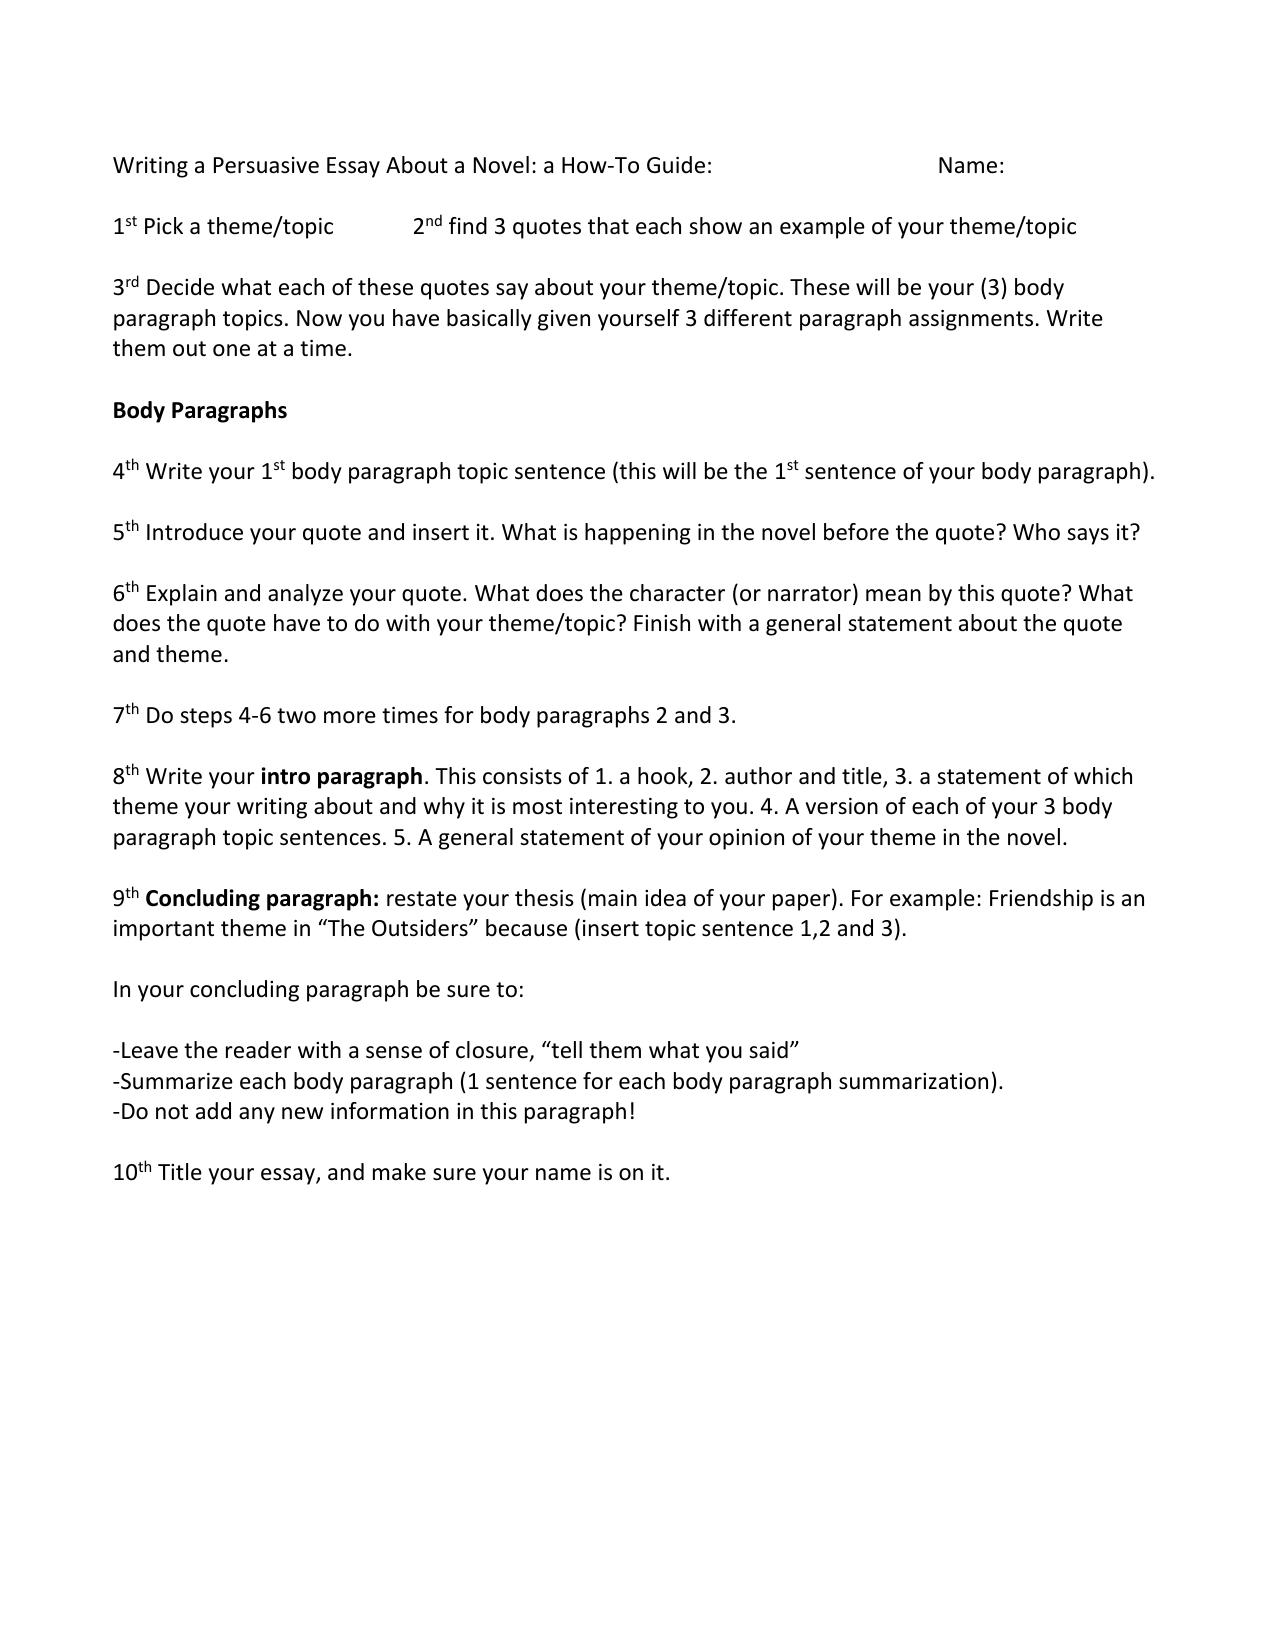 how do you write a persuasive essay